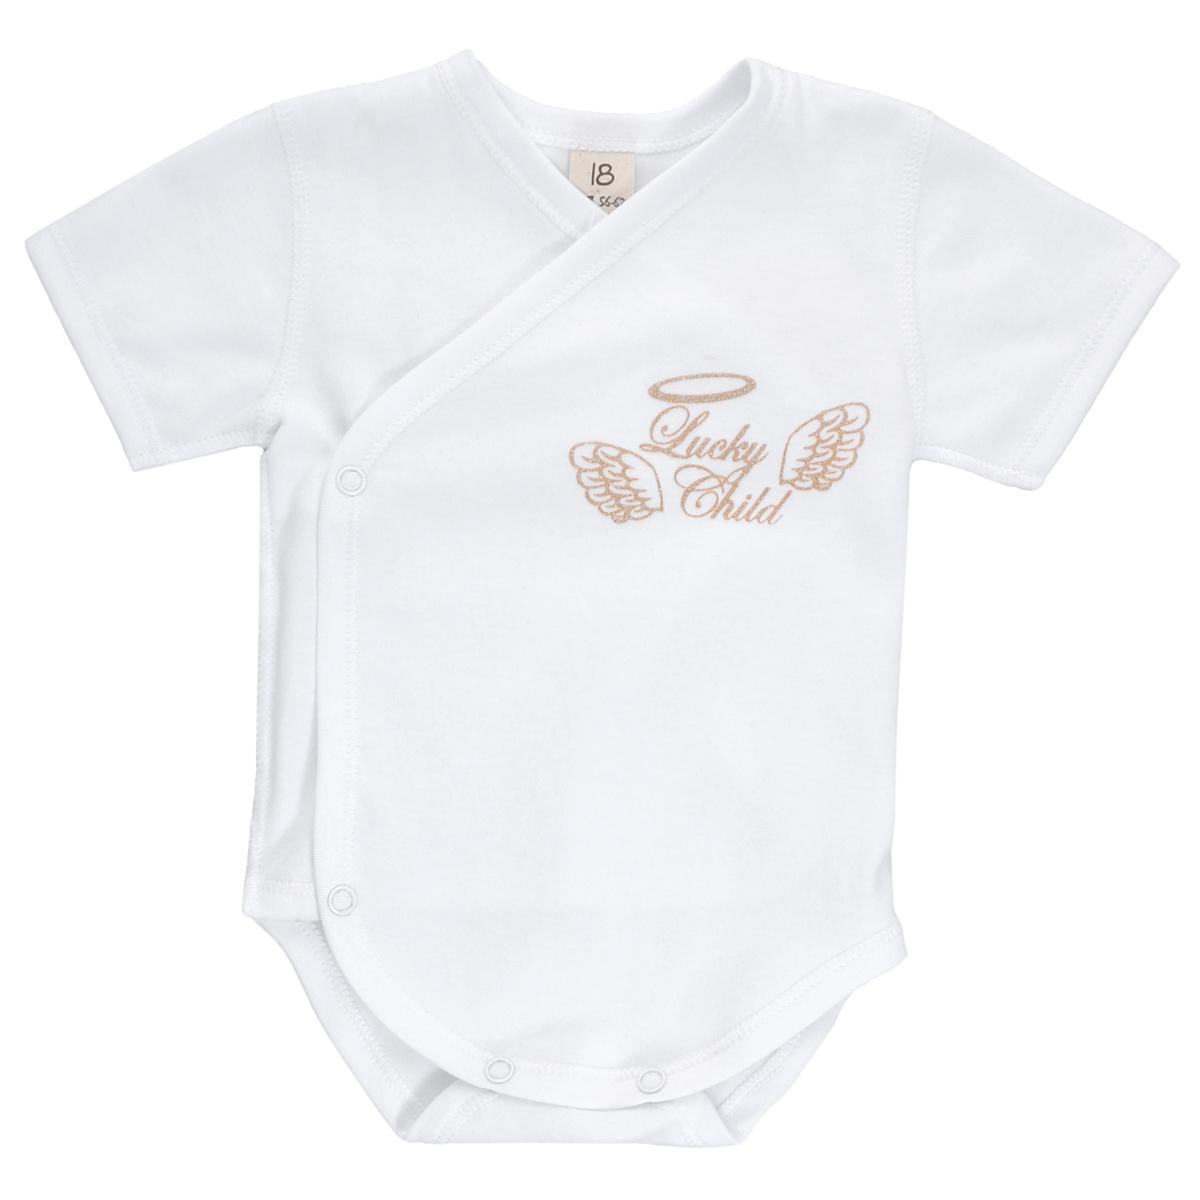 Боди-футболка детское Lucky Child Ангелы, цвет: белый. 17-51. Размер 74/8017-51Детское боди-футболка Lucky Child Ангелы с короткими рукавами послужит идеальным дополнением к гардеробу малыша в теплое время года, обеспечивая ему наибольший комфорт. Боди изготовлено из интерлока - натурального хлопка, благодаря чему оно необычайно мягкое и легкое, не раздражает нежную кожу ребенка и хорошо вентилируется, а эластичные швы приятны телу малыша и не препятствуют его движениям. Удобные застежки-кнопки по принципу «кимоно» и на ластовице помогают легко переодеть младенца и сменить подгузник. Боди на груди оформлено надписью в виде логотипа бренда и изображением крылышек, а на спинке дополнено текстильными крылышками, вышитыми металлизированной нитью.Боди полностью соответствует особенностям жизни малыша в ранний период, не стесняя и не ограничивая его в движениях. В нем ваш ребенок всегда будет в центре внимания.